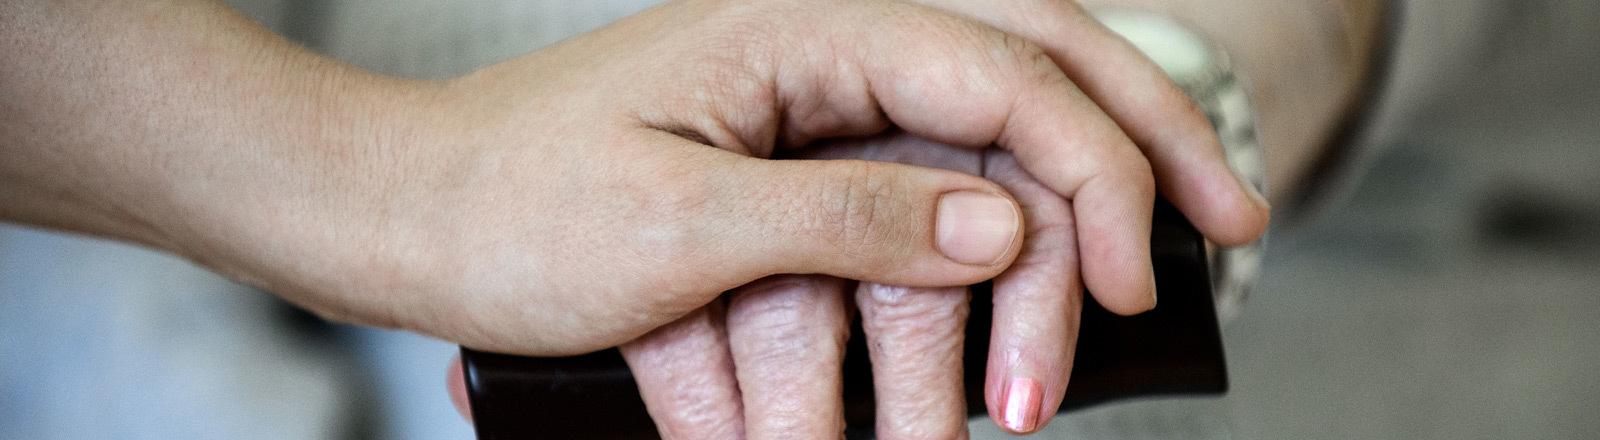 Eine Pflegerin hält die Hand einer Patientin.